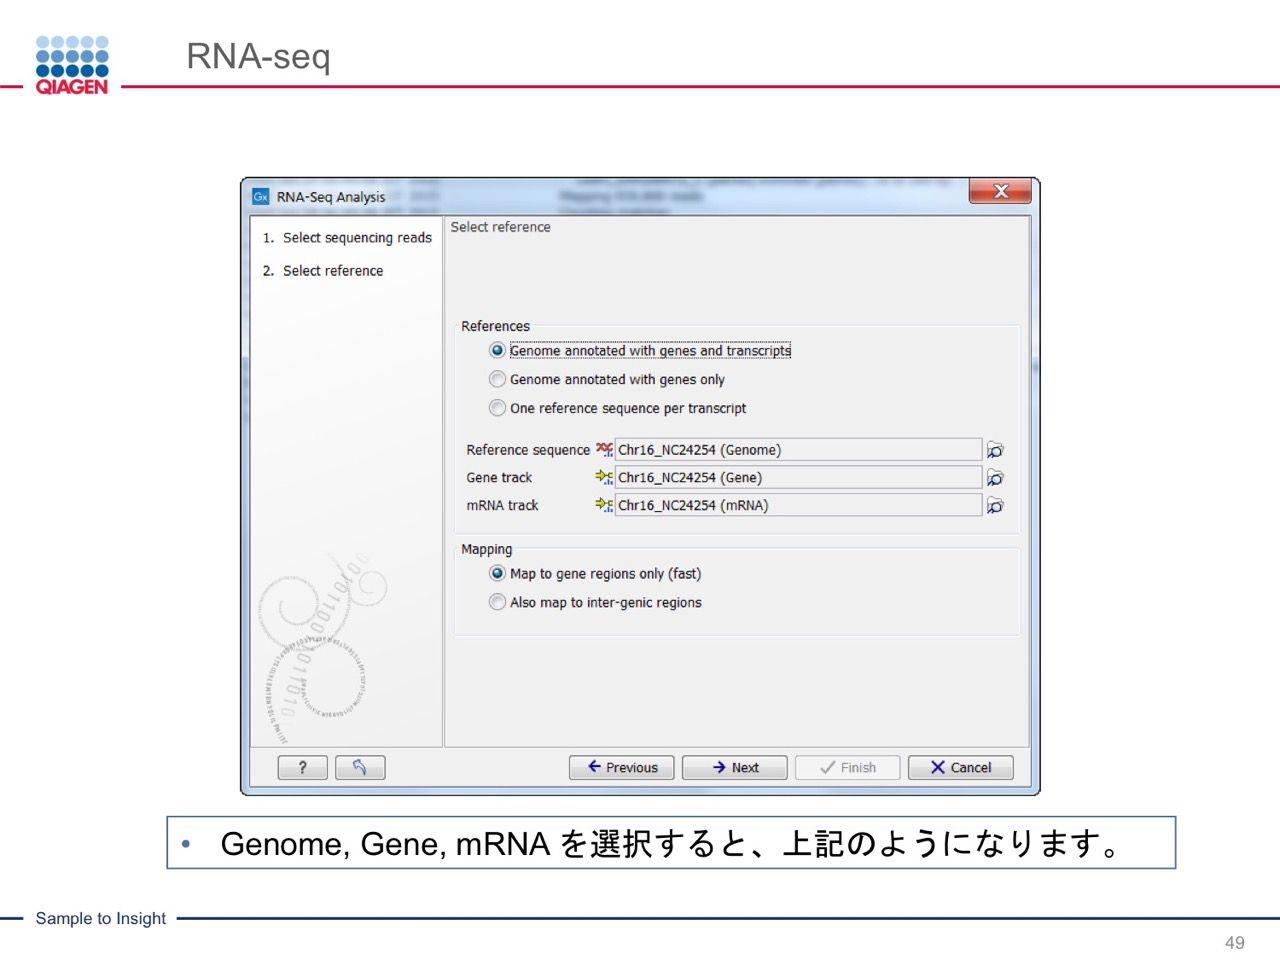 images/AJACSa2_miyamoto_049.jpg